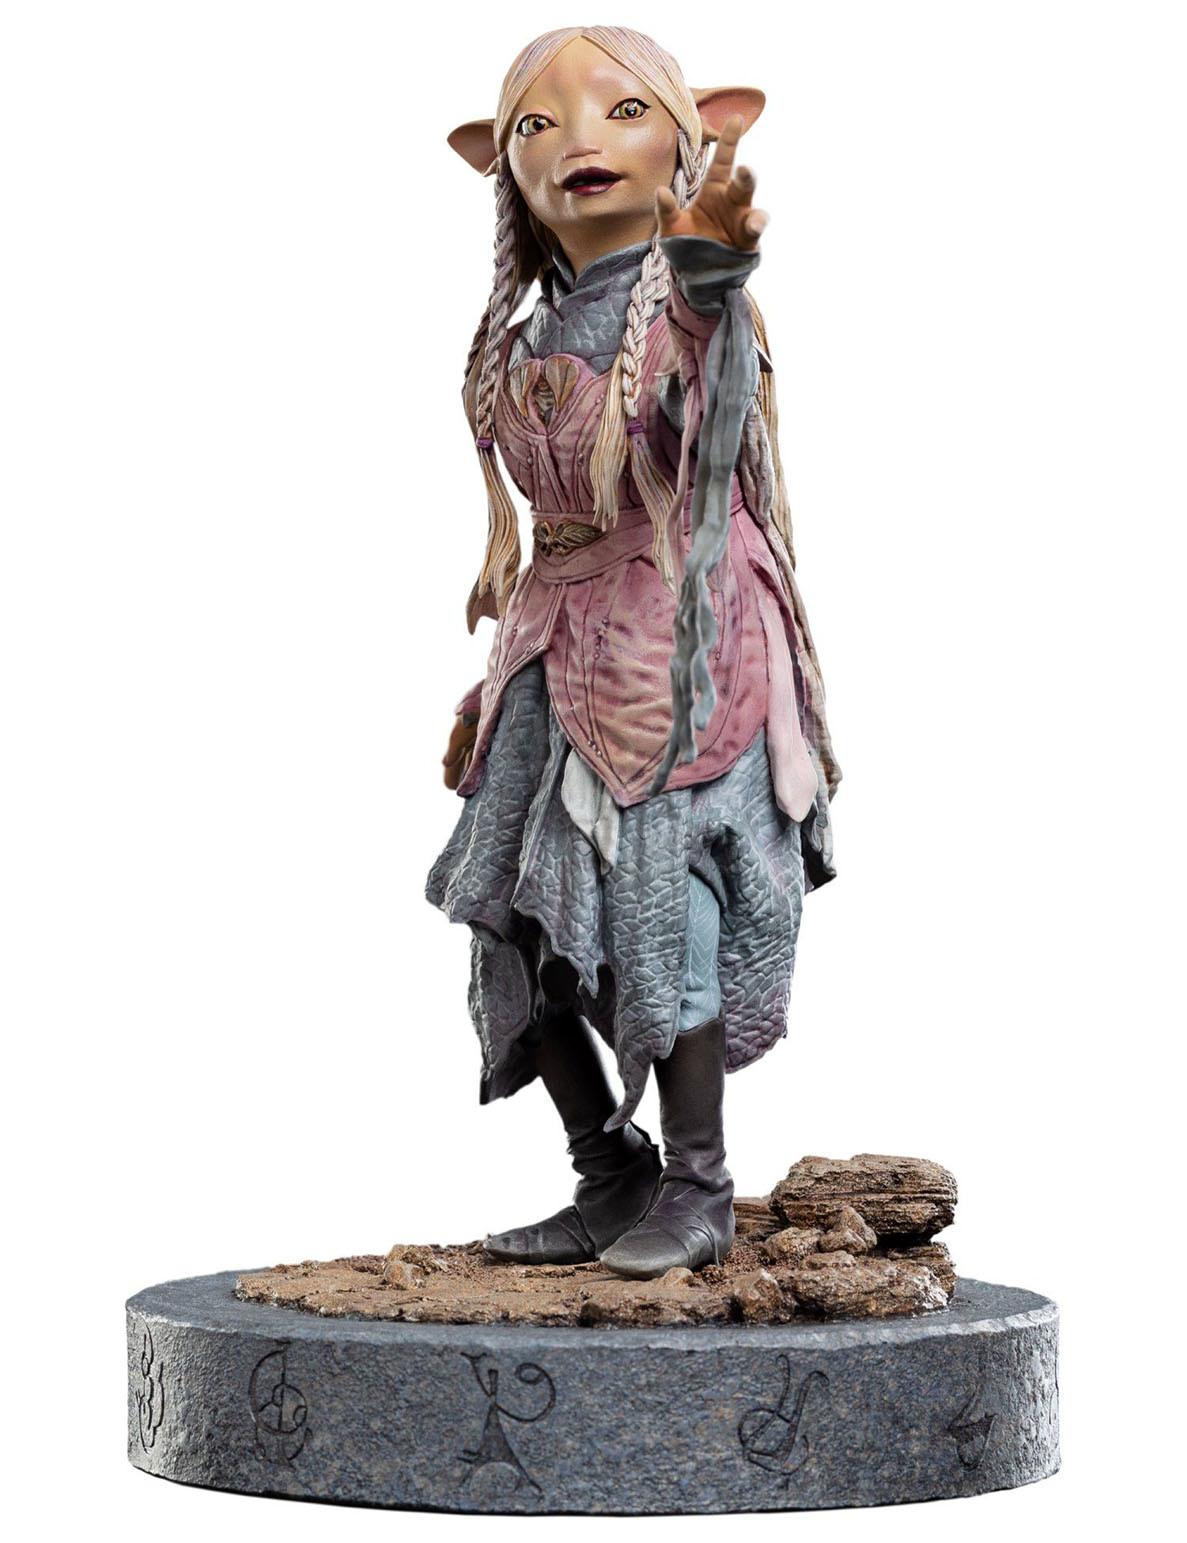 WETA Workshops The Dark Crystal Age of Resistance: Brea the Gelfling 1:6 Scale Statue